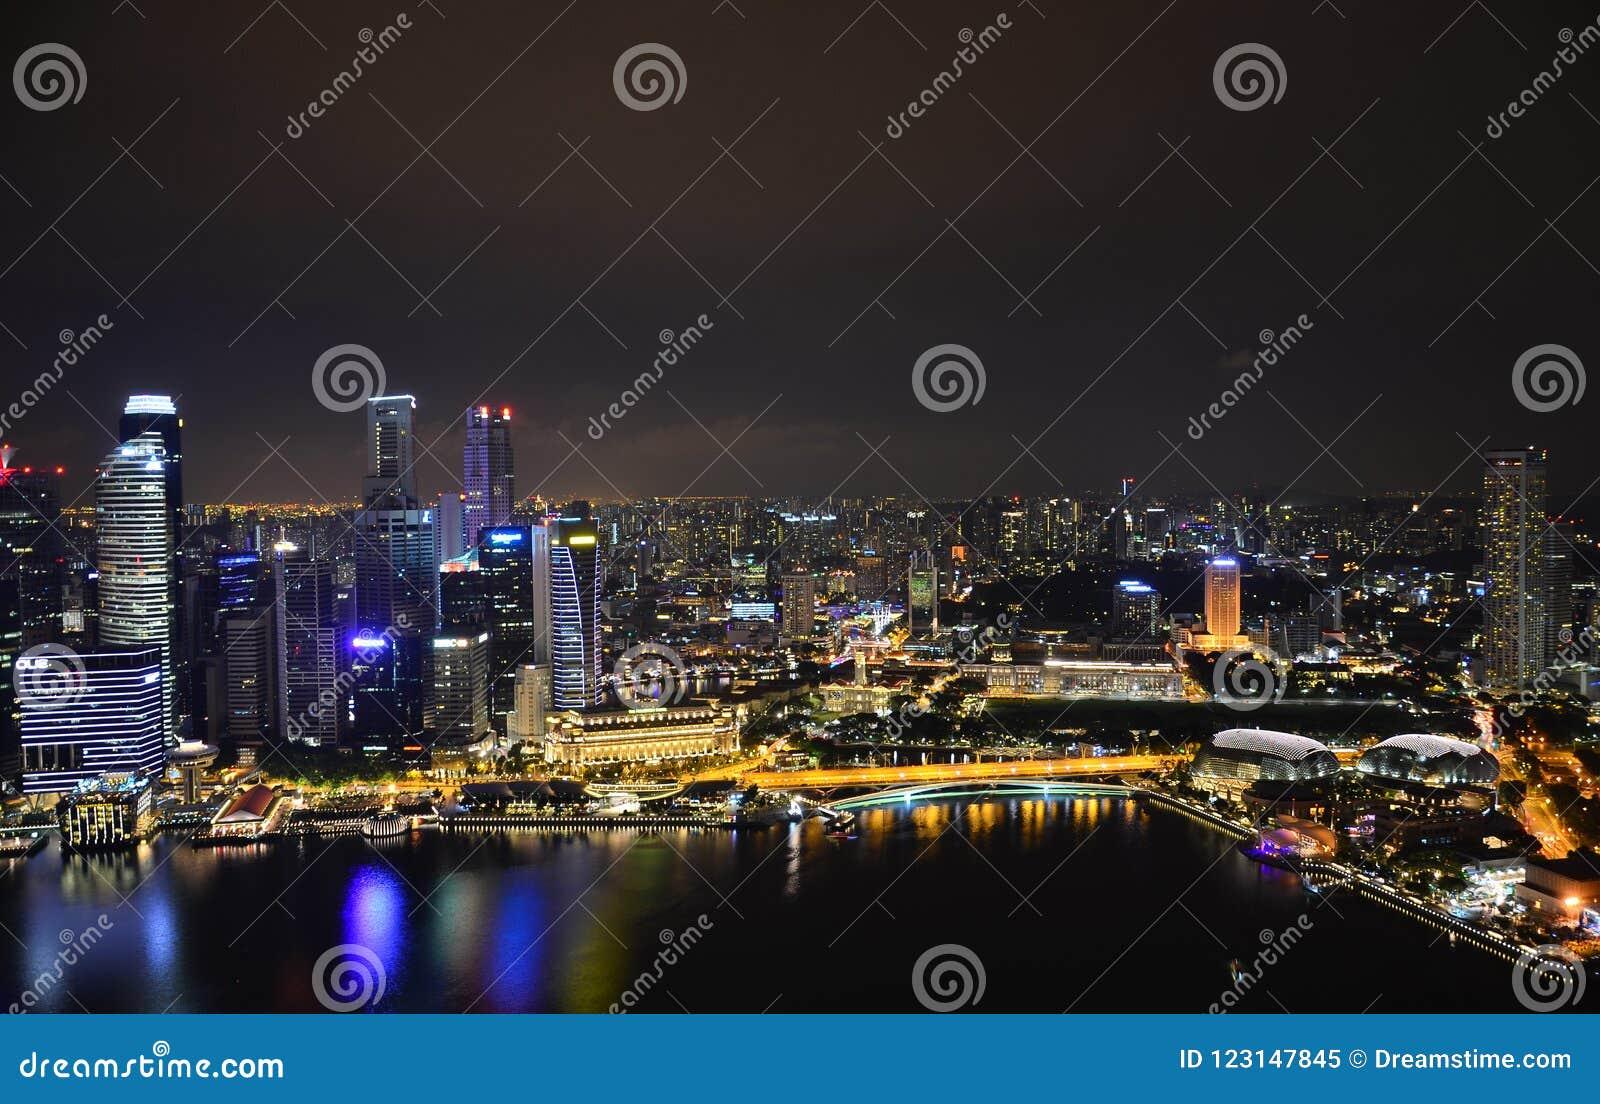 Der nächtliche Himmel von Singapur Reflexionen und greller Glanz auf dem Wasser Flug des Vogels - 1